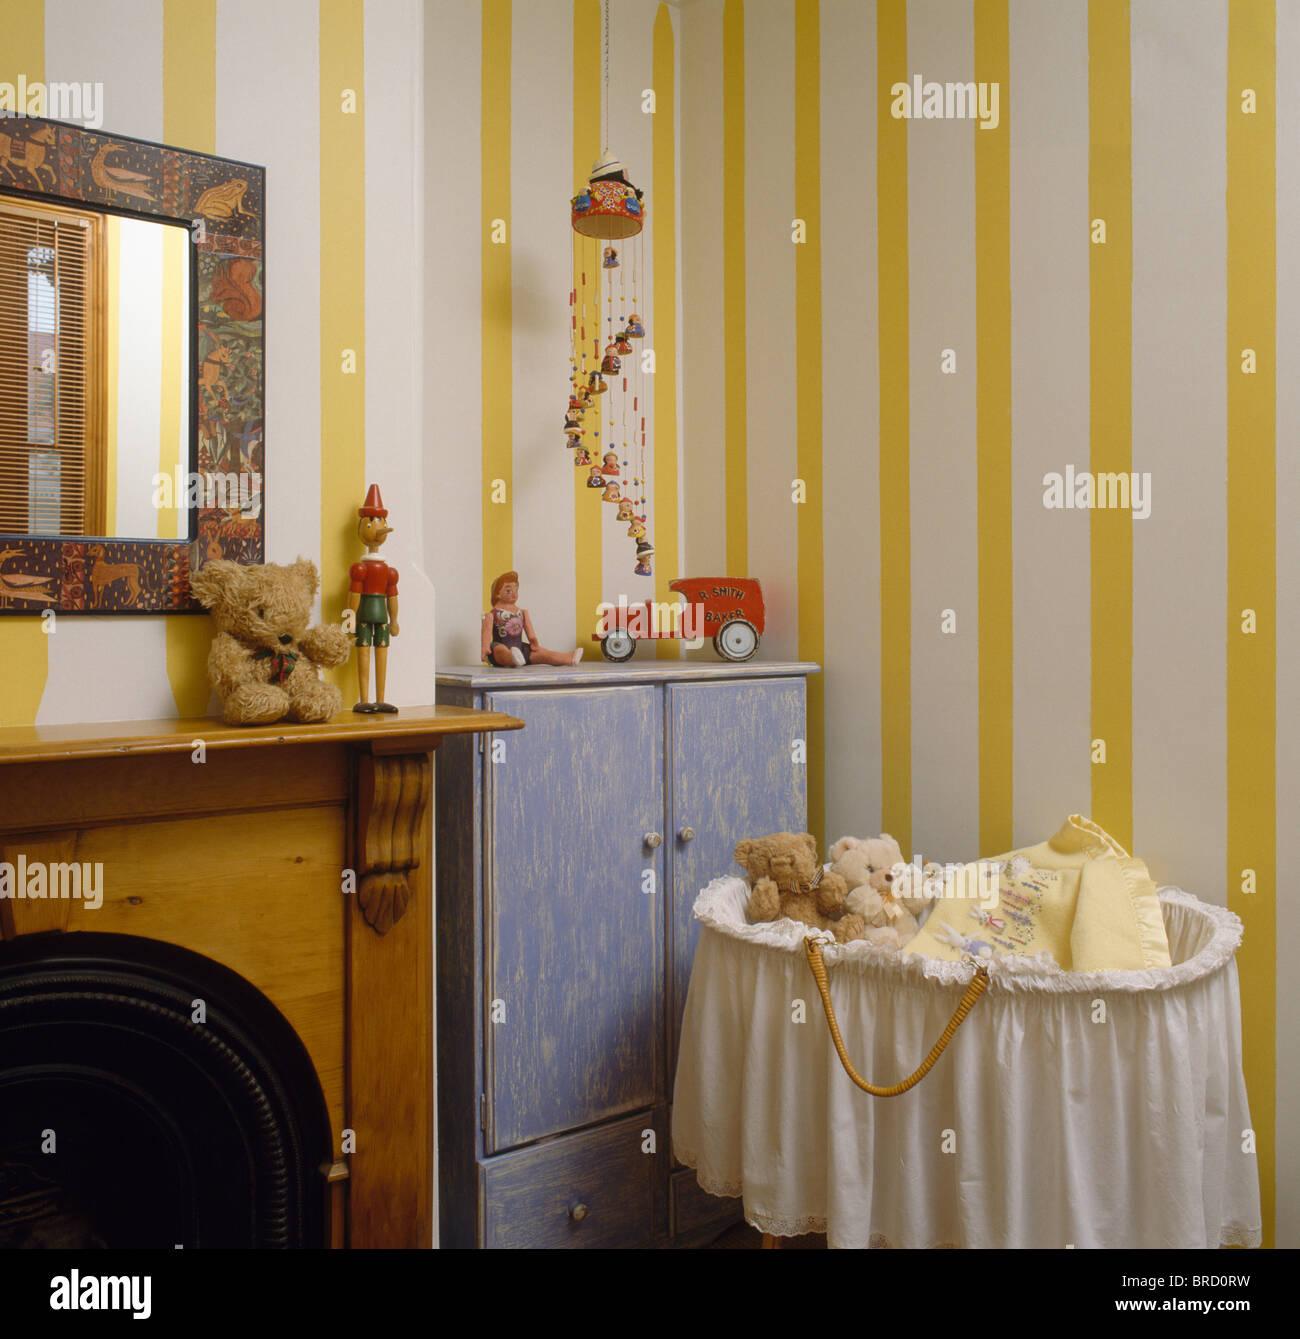 Gelb Weiß Breit Gestreift Tapete Im Kinderzimmer Schlafzimmer Mit